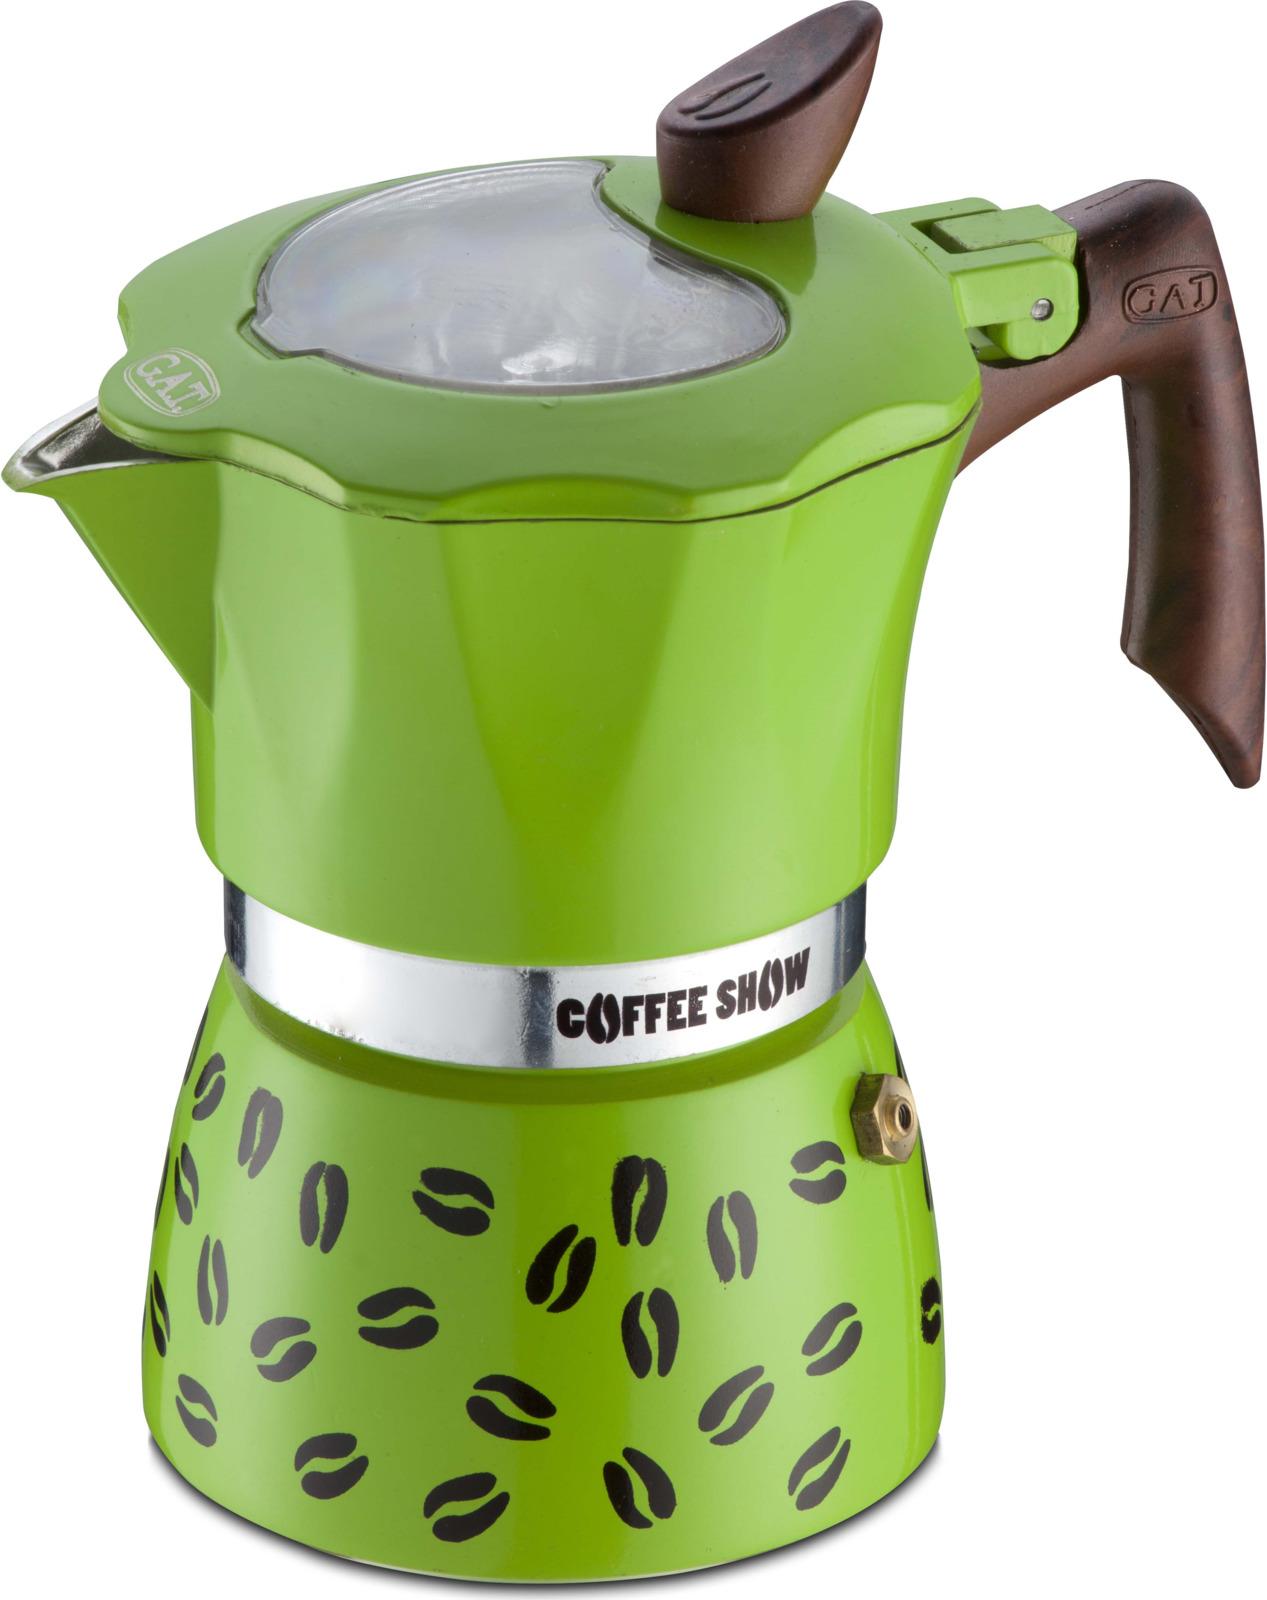 Кофеварка гейзерная G.A.T. 104606 COFFEE SHOW. Кофеварка рассчитана на 6 чашек. За считанные минуты прибор приготовит ваш любимый напиток и моментально наполнит кухню изумительным ароматом. Прочная алюминиевая основа придает кофеварке легкость и надежность, а стильный дизайн добавит кухонному интерьеру элегантности и особого шарма. Основные отличительные особенности кофеварок Coffee show: удобный носик для наливания кофе, стильный ремень, соединяющий верхнюю и нижнюю части кофеварки, специальное внутреннее покрытие, обеспечивающее легкую очистку и обслуживание, прозрачное окошко на крышке, позволяющее наблюдать за процессом приготовления, ручка из термостойкого пластика.